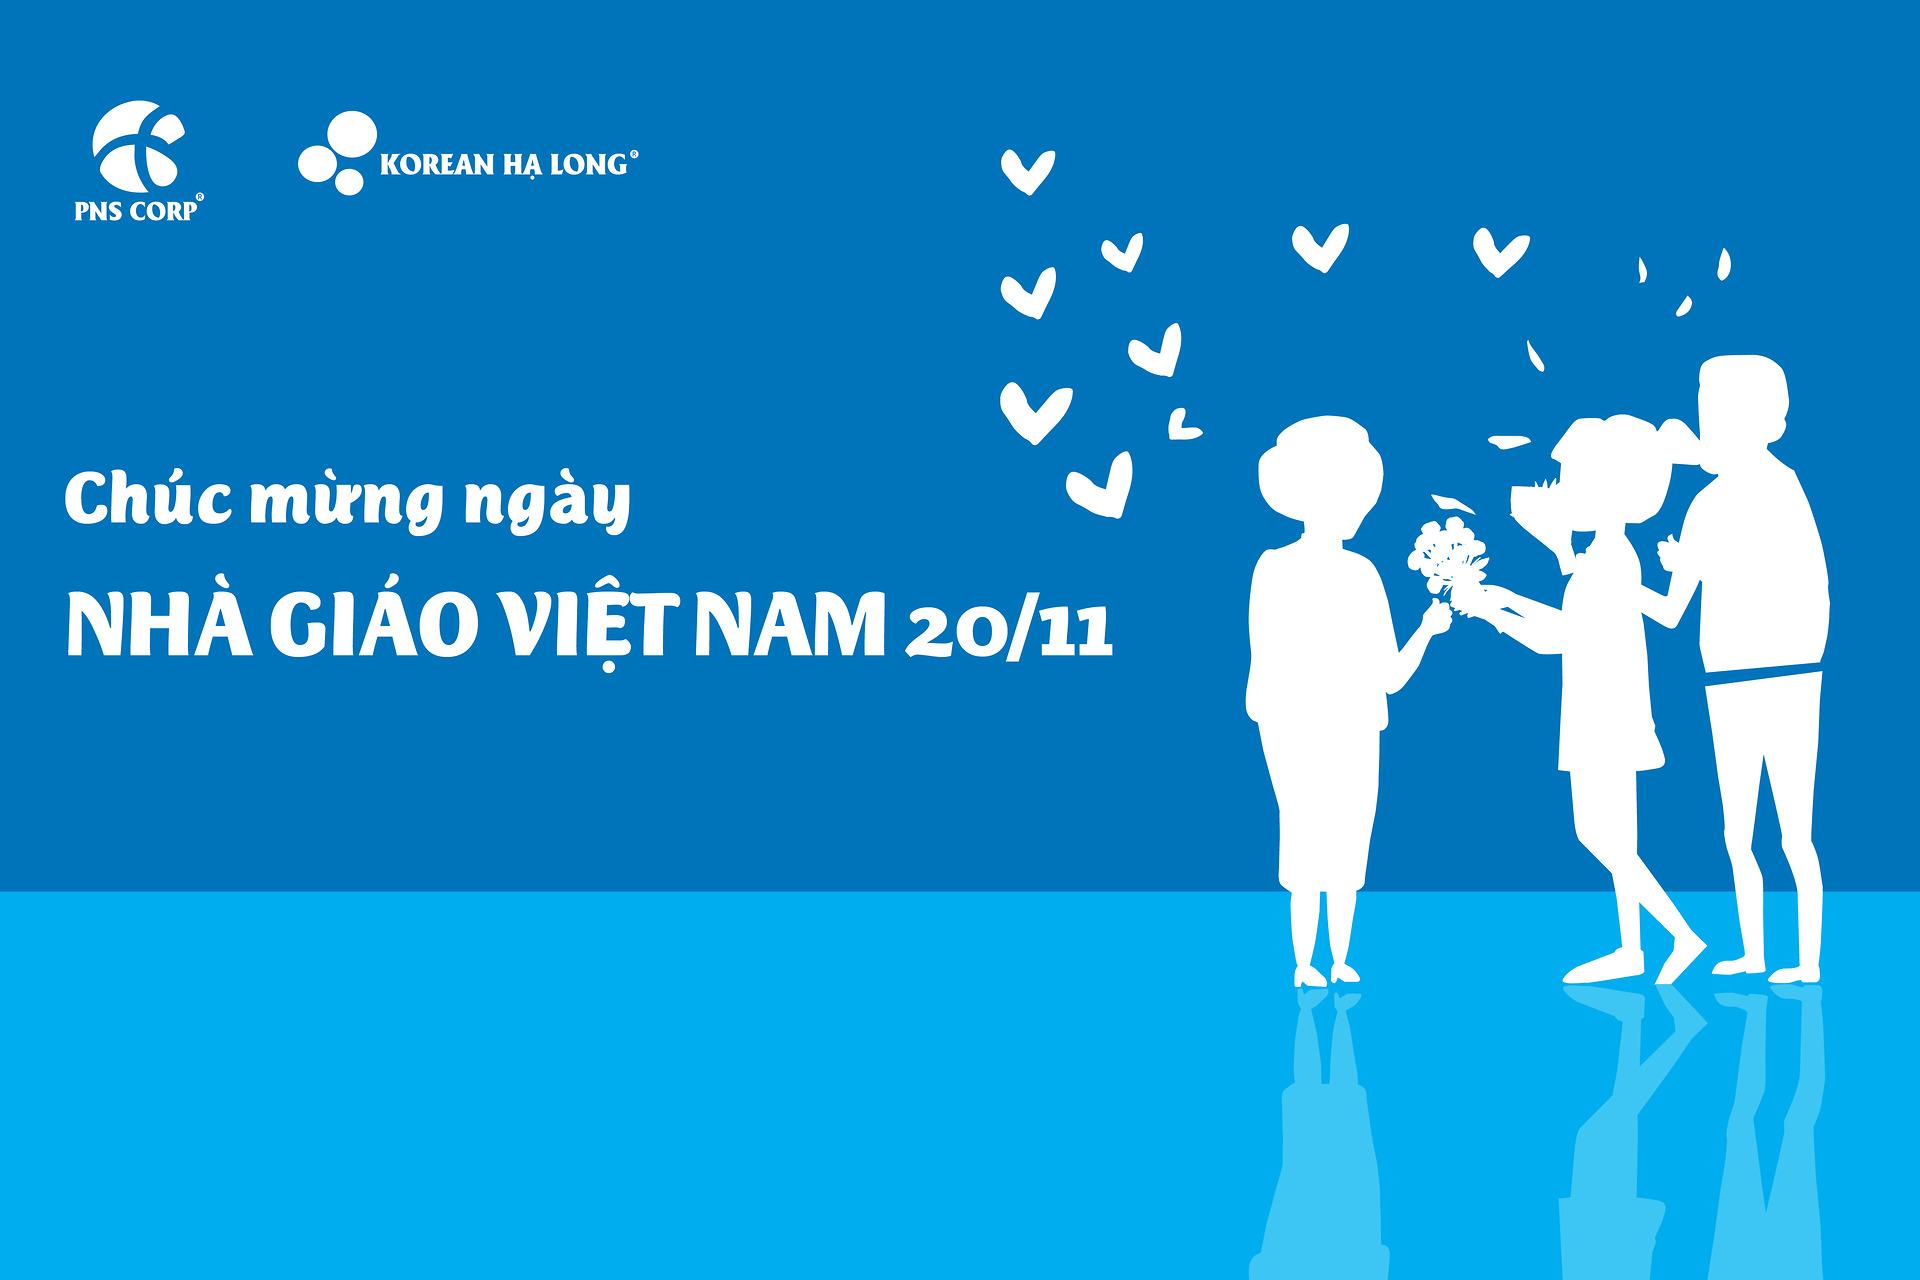 Thông báo lịch nghỉ lễ ngày Nhà giáo Việt Nam 20/11